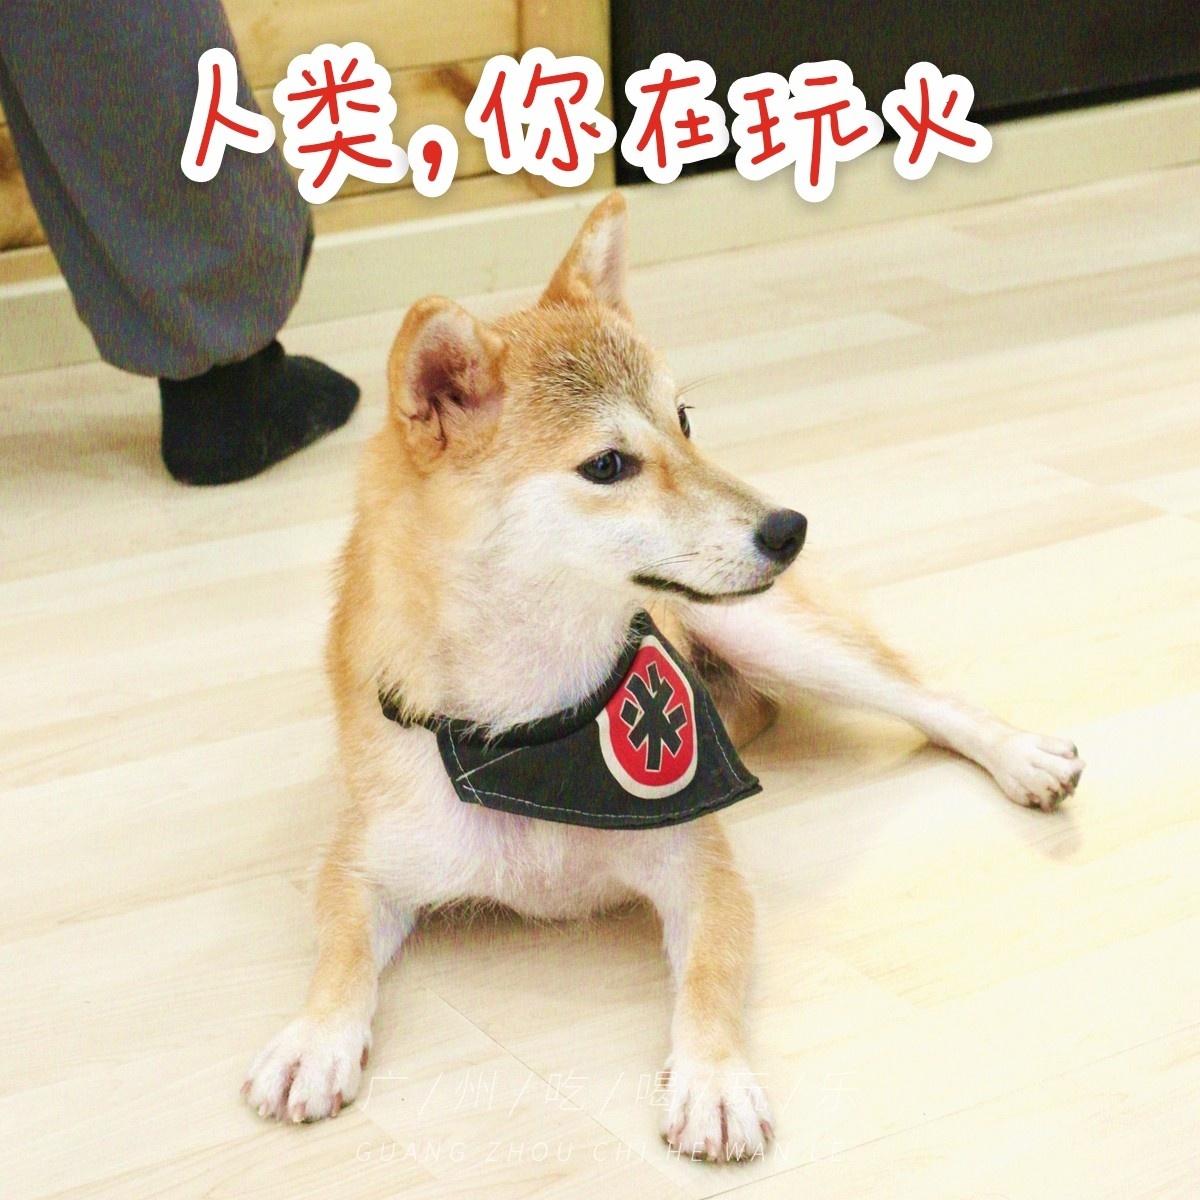 妞妞2015无需播放器下午撸_撸柴犬的日式小屋,和服免费穿,还能喝下午茶!广州也有